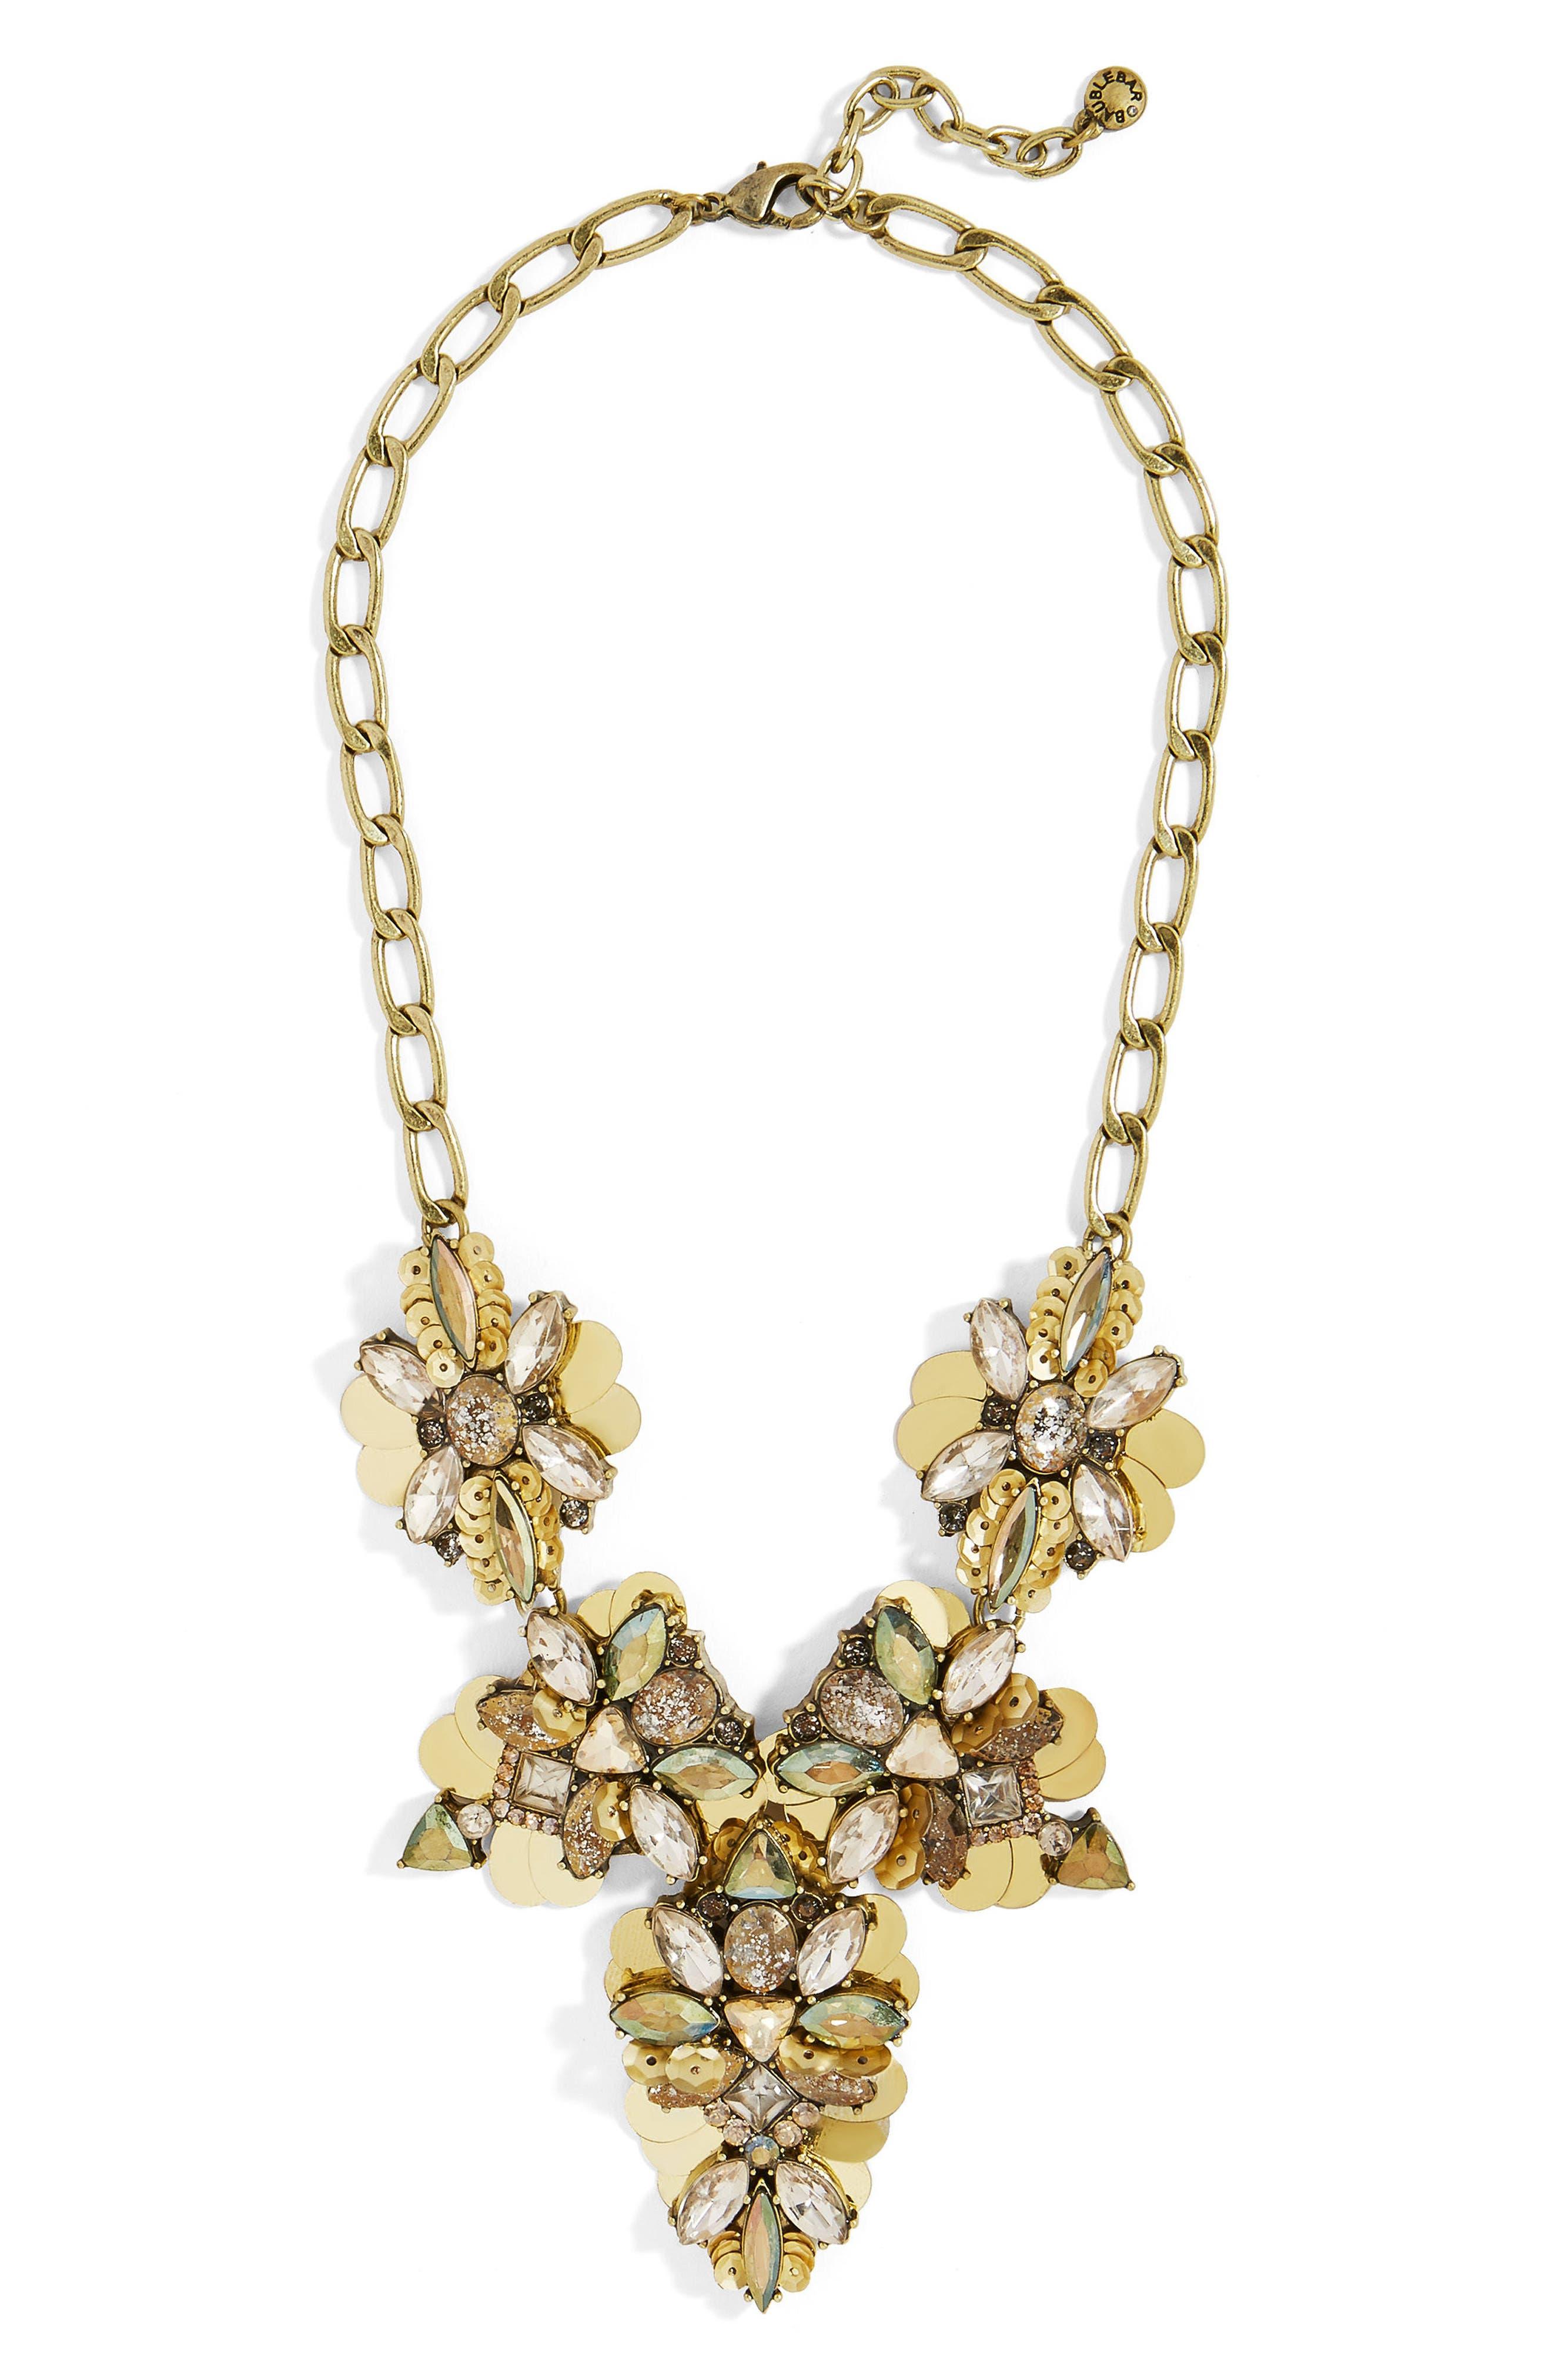 Main Image - BaubleBar Duchess Statement Necklace